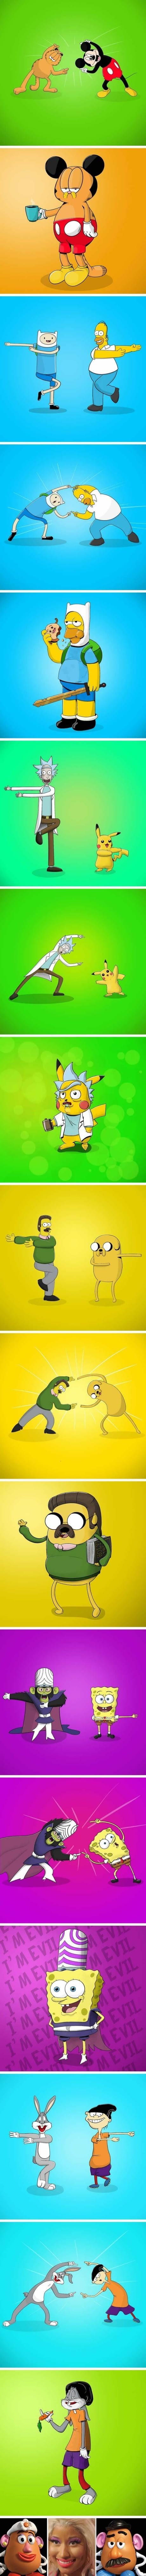 Meme_otros - El resultado de fusionar dos caricaturas